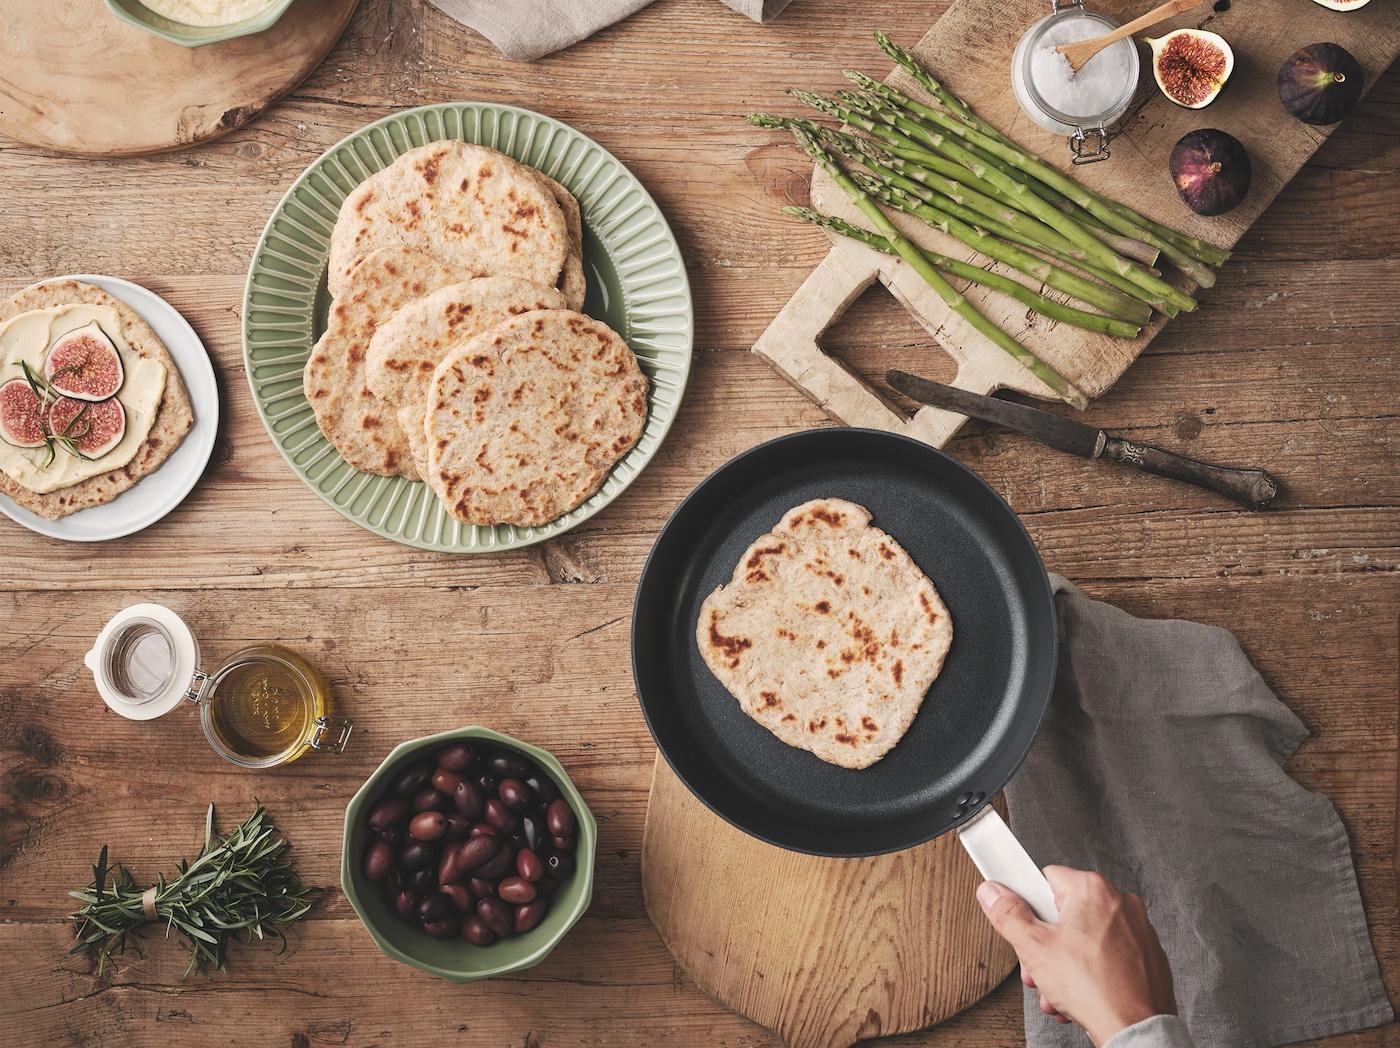 Unha mesa de madeira con tortas de pan KNÅDA sobre un prato verde e unha tixola, e varios condimentos ao redor, como espárragos e olivas.